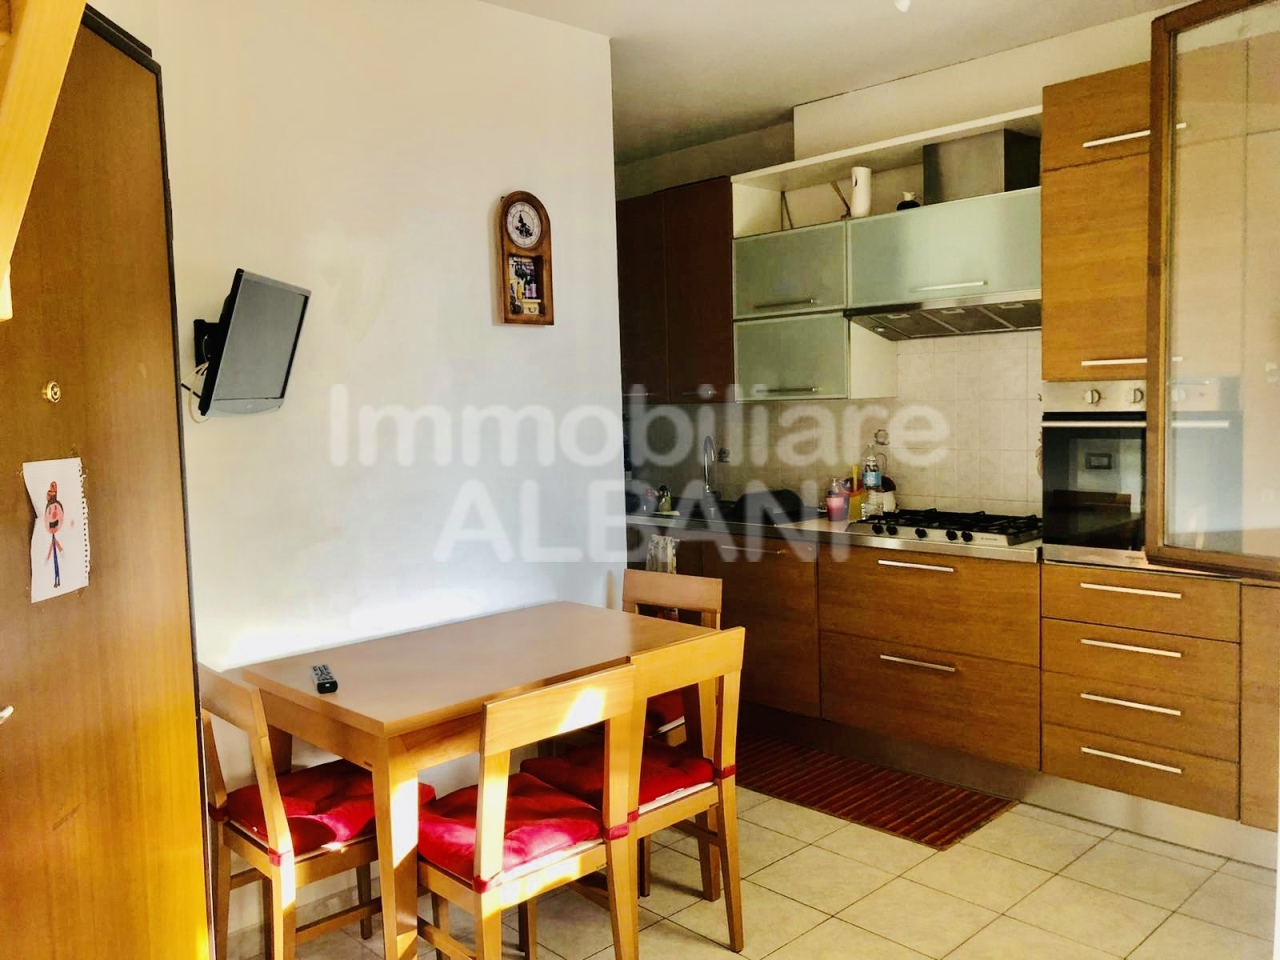 Appartamento in vendita a La Spezia, 3 locali, prezzo € 132.000 | PortaleAgenzieImmobiliari.it